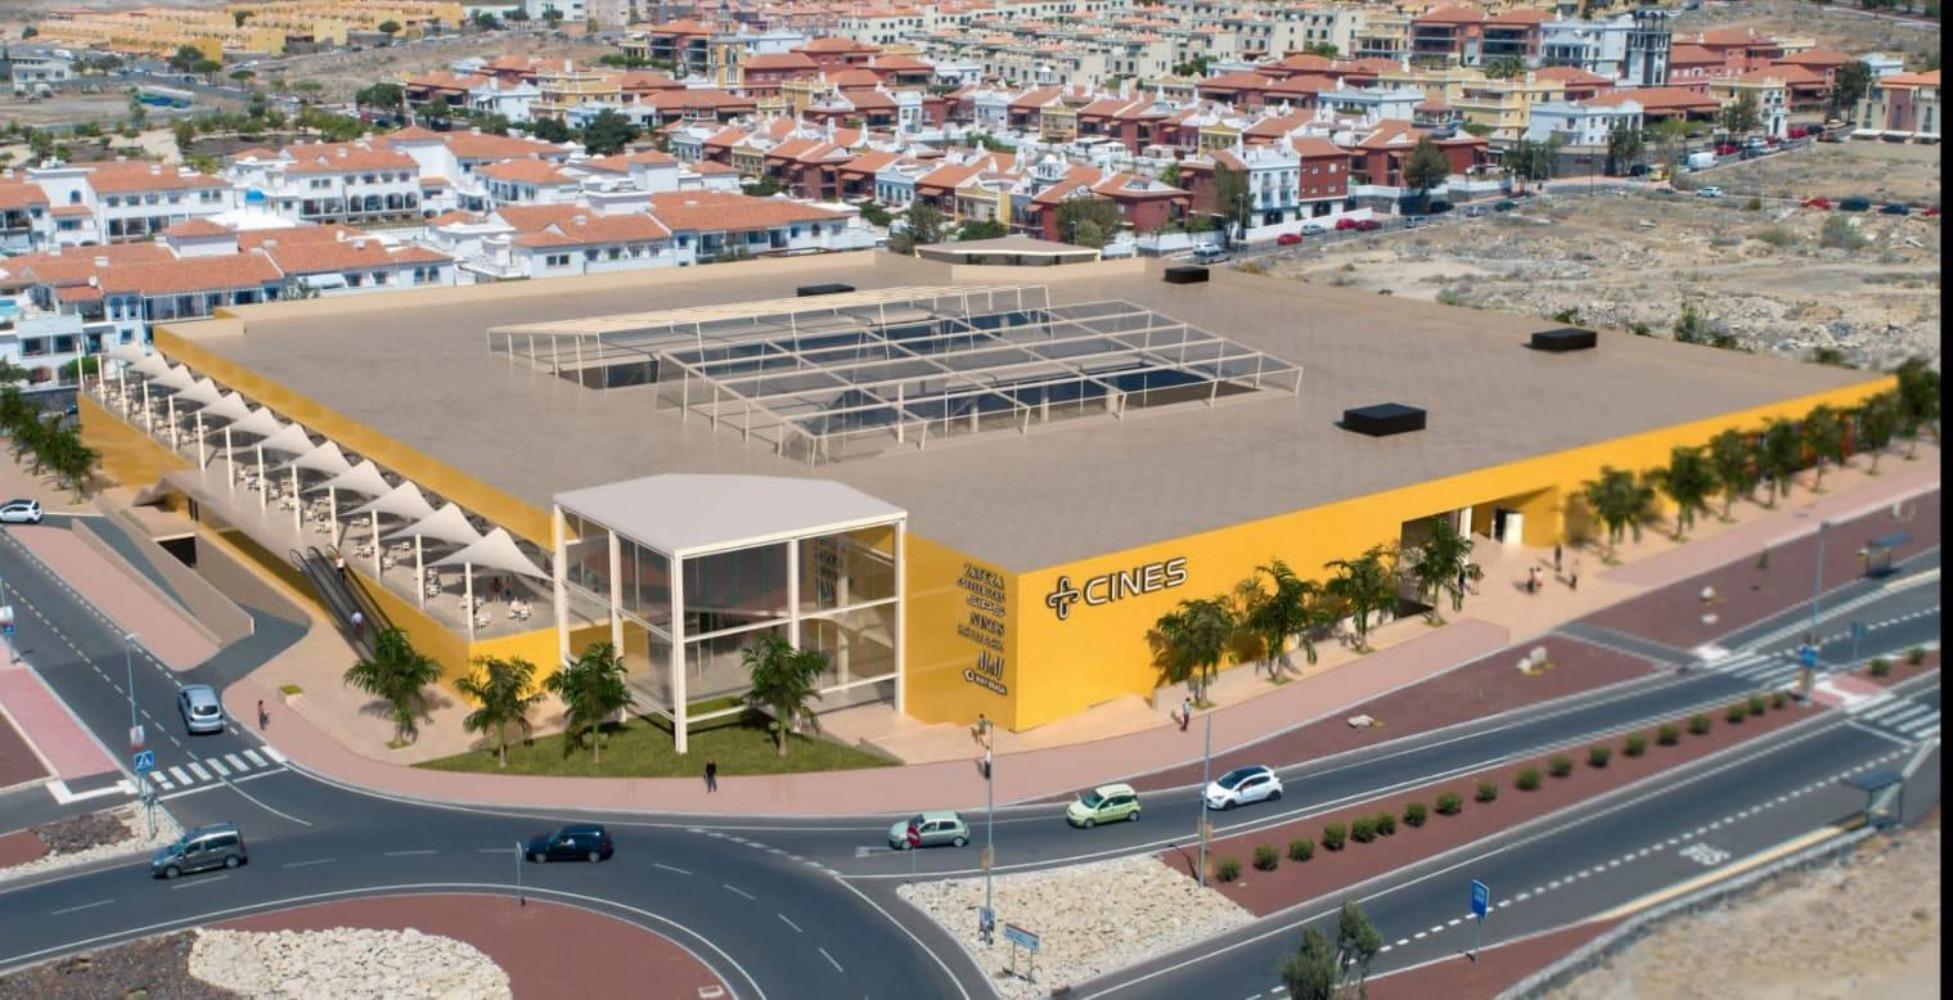 Centro comercial La Gran Manzana Las Chafiras San Miguel -54_Fotor